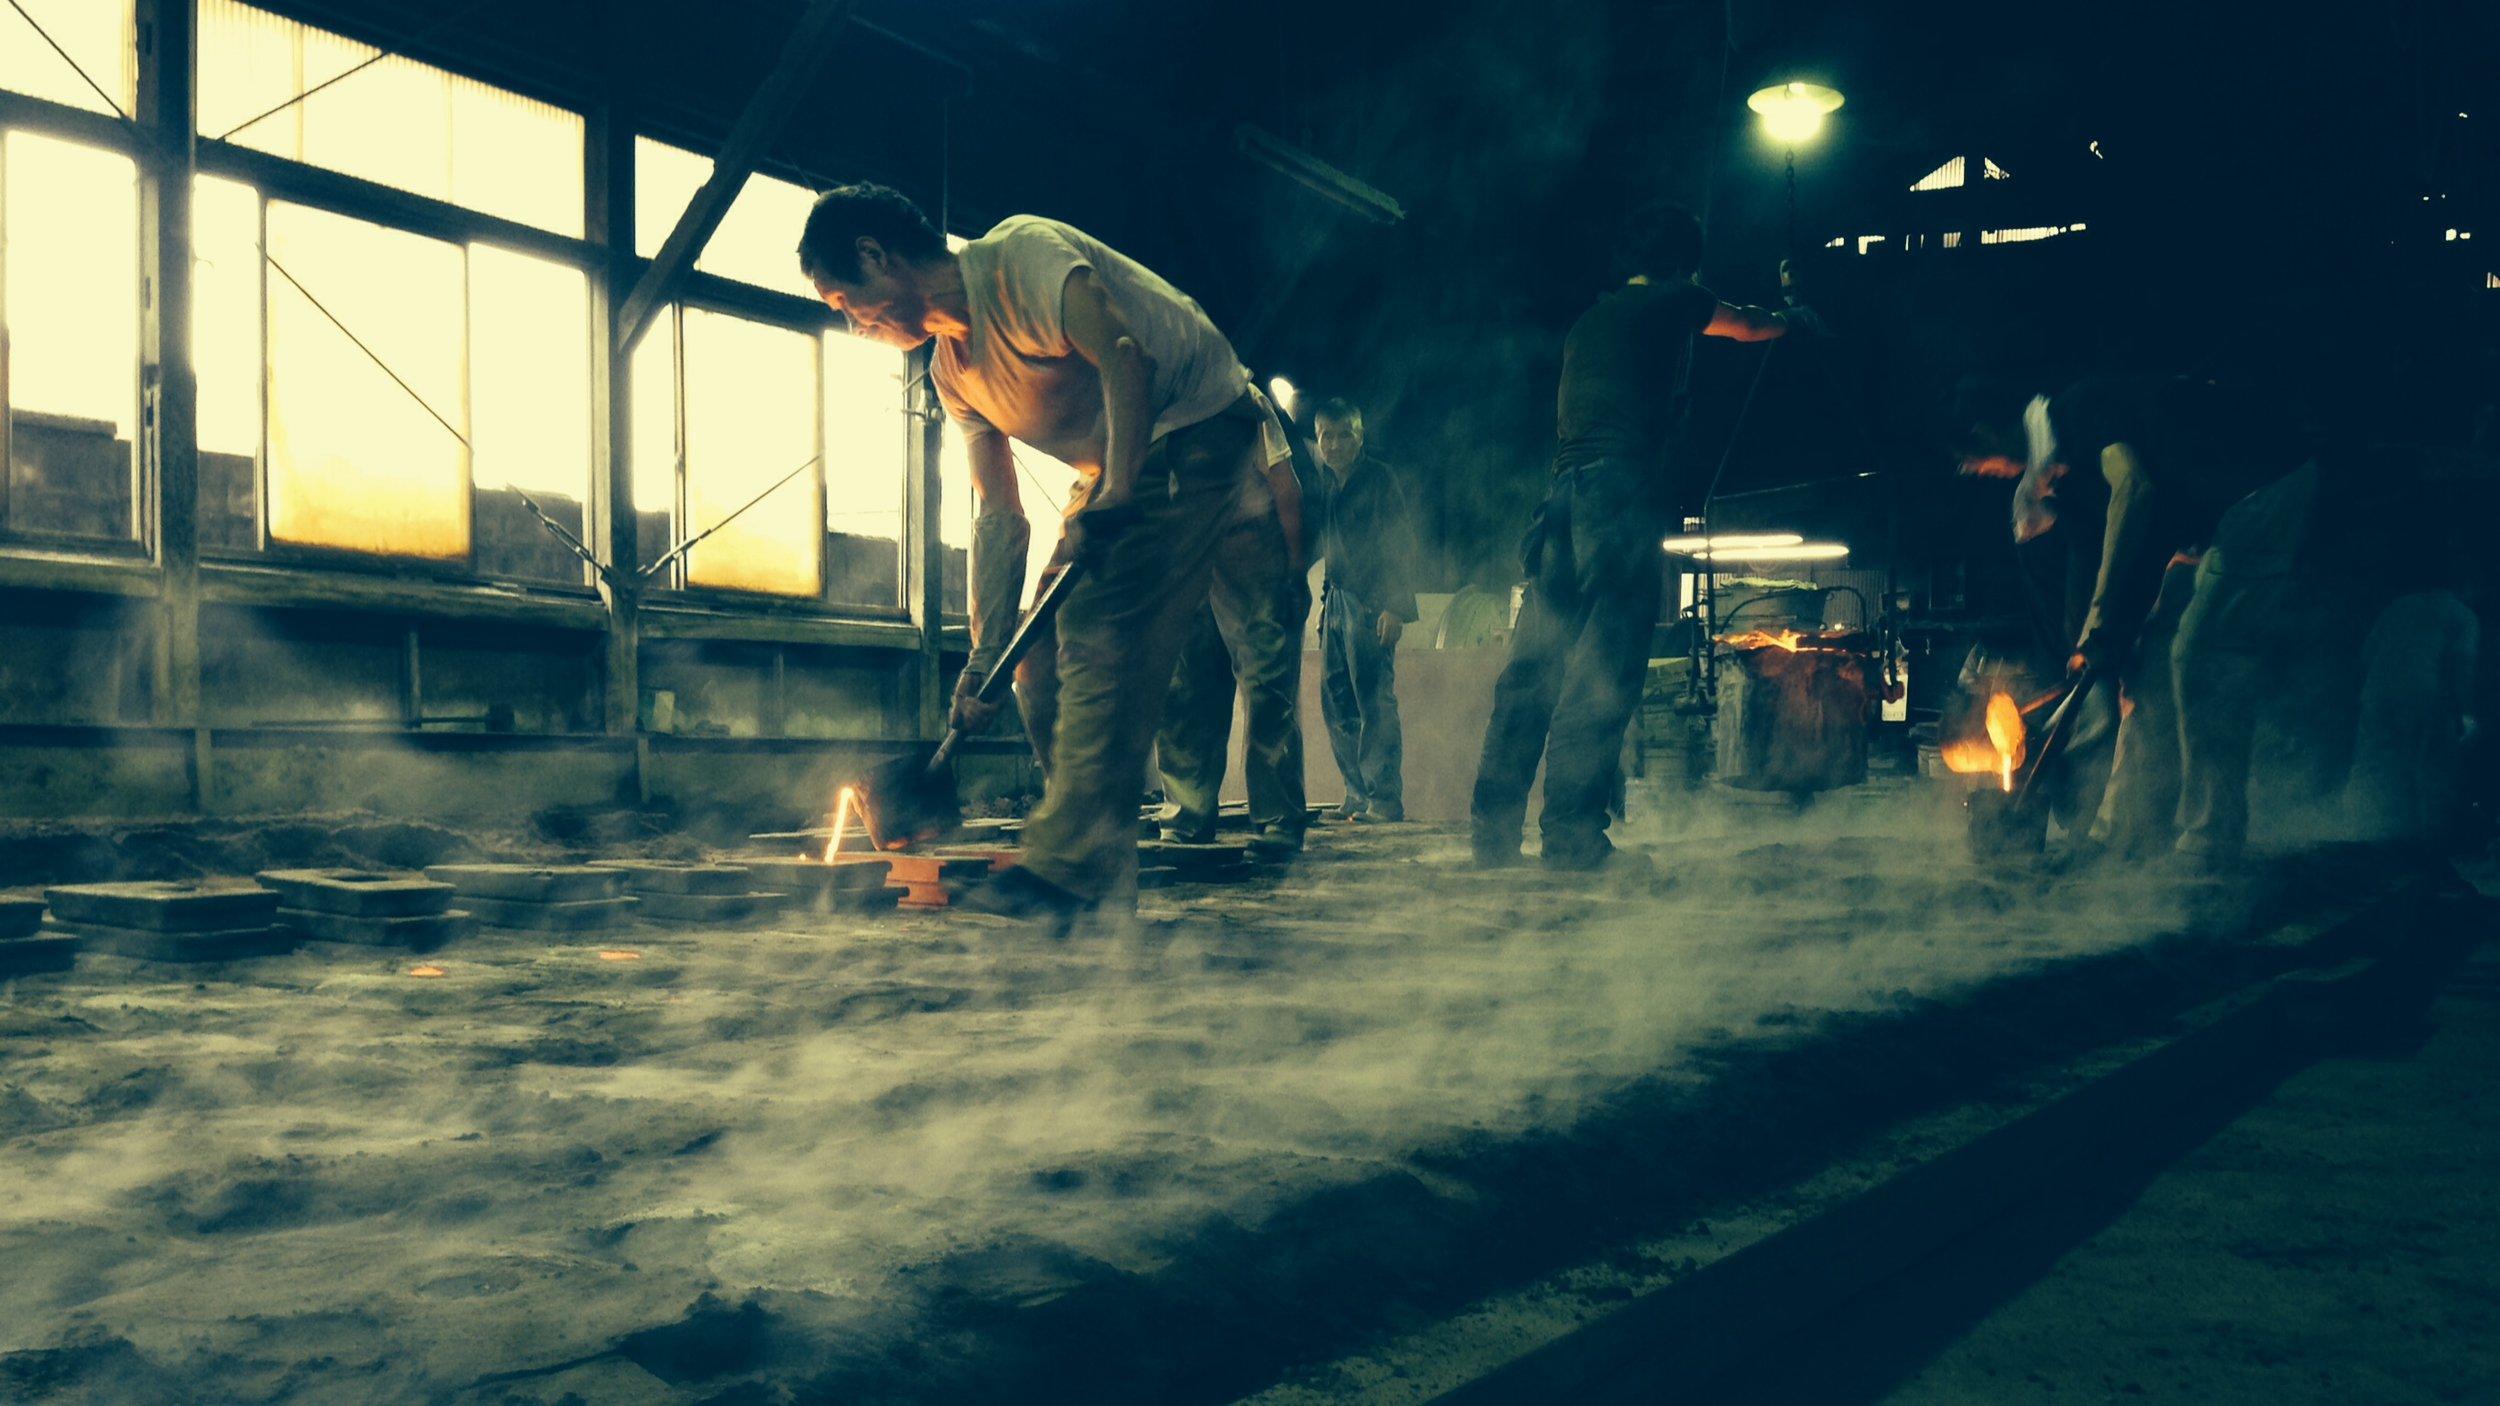 伝統工芸を映画で盛り上げる - テーマは「伝統産業アピール」「後継者問題への取り組み」「海外PR」「地元参加」高岡伝統産業青年会が中心となって維持・訴求を続けている富山県高岡市の伝統産業(伝統工芸)をDRAWING AND MANUALが映画を主軸とした地域参加型プロジェクトとして提案をしました。